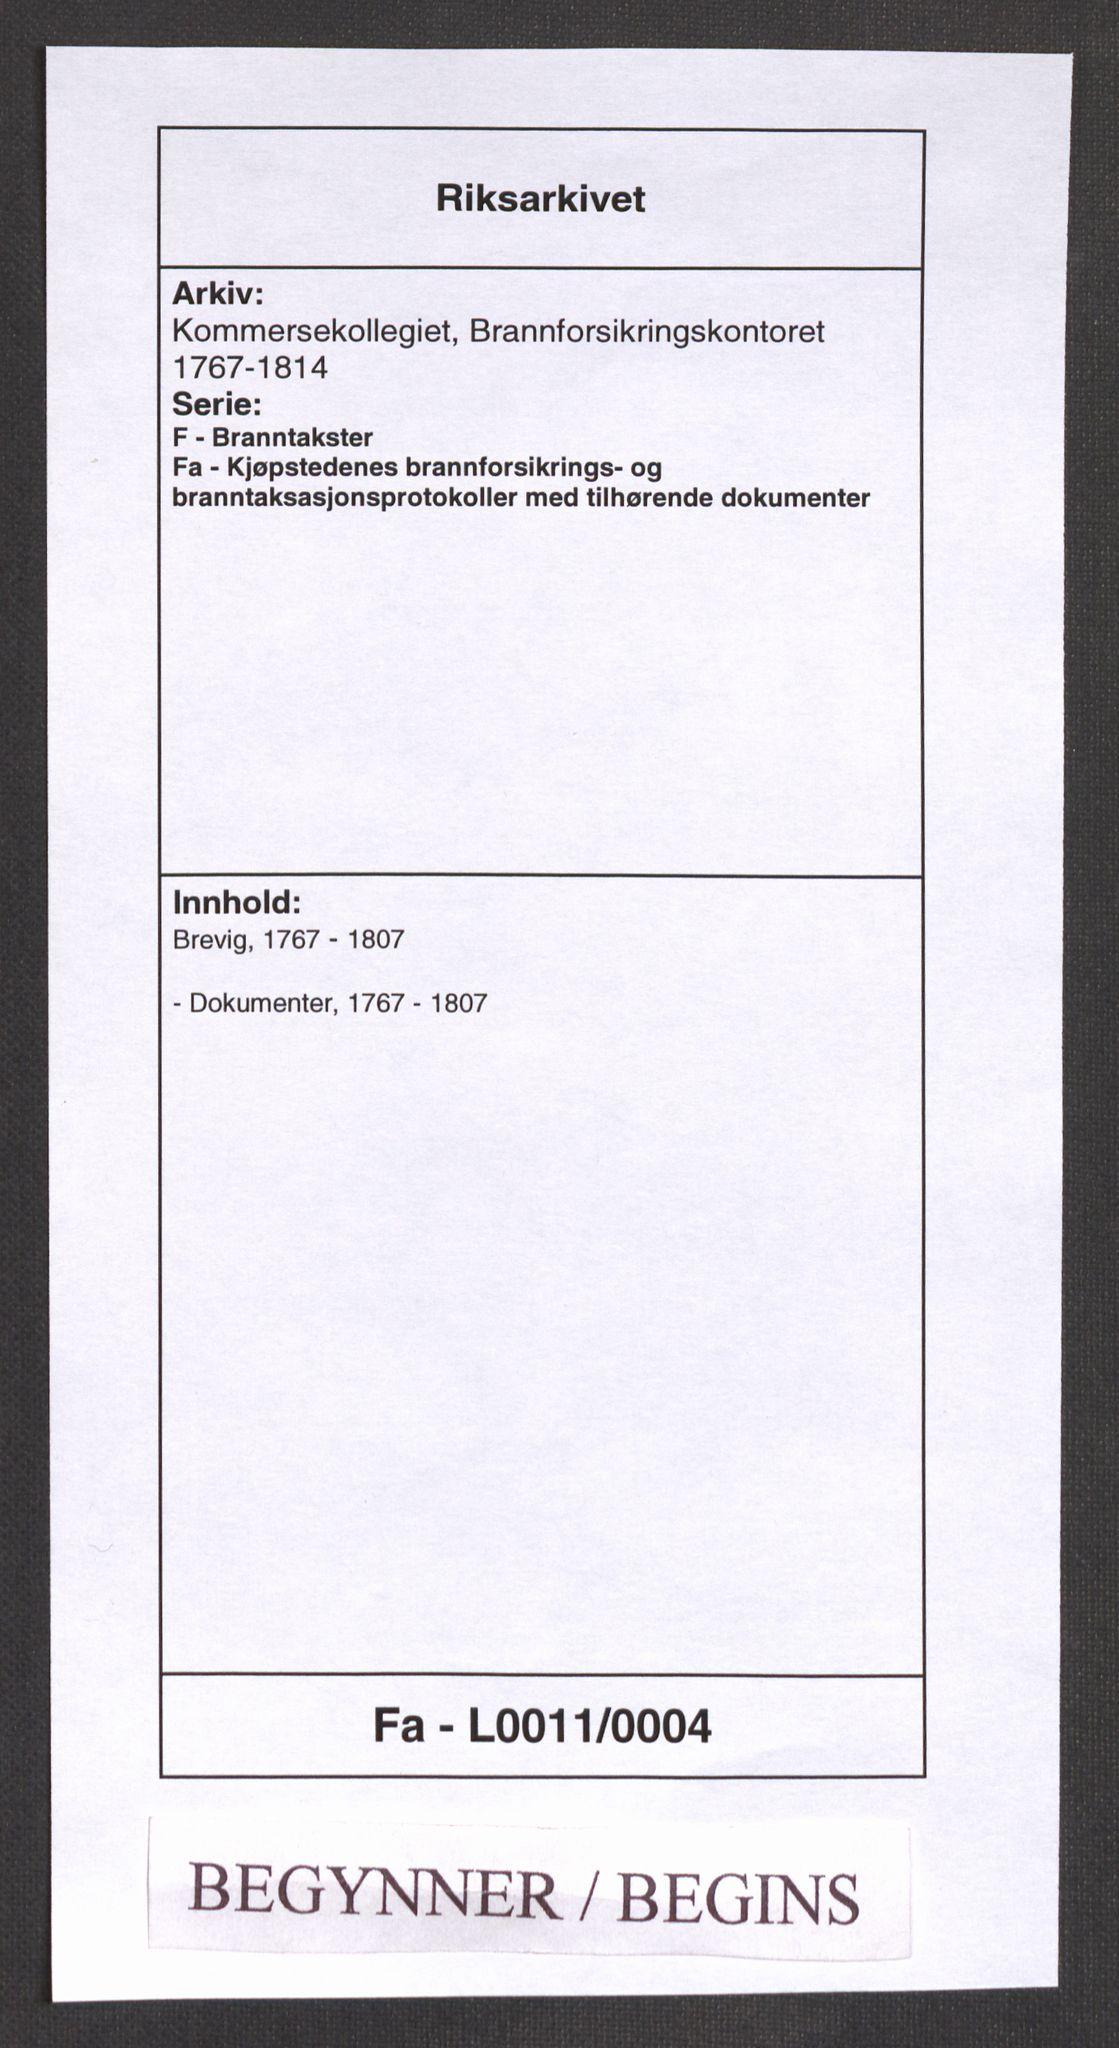 RA, Kommersekollegiet, Brannforsikringskontoret 1767-1814, F/Fa/L0011: Brevik, 1767-1807